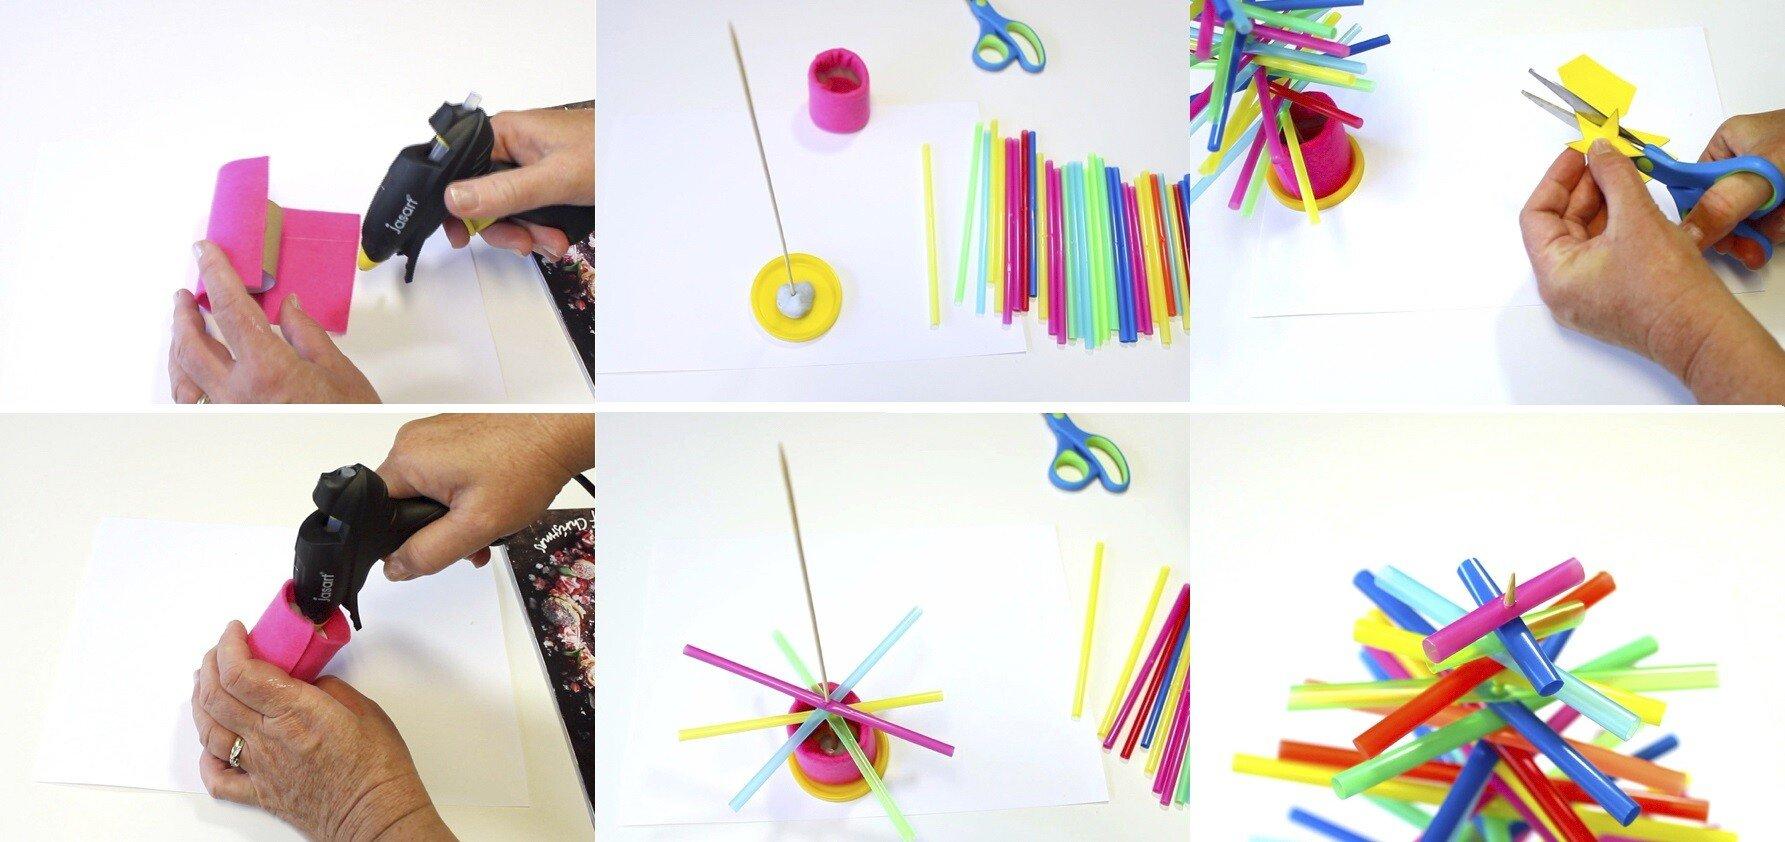 Поделка в детский сад. Как делать ёлочку из трубочек